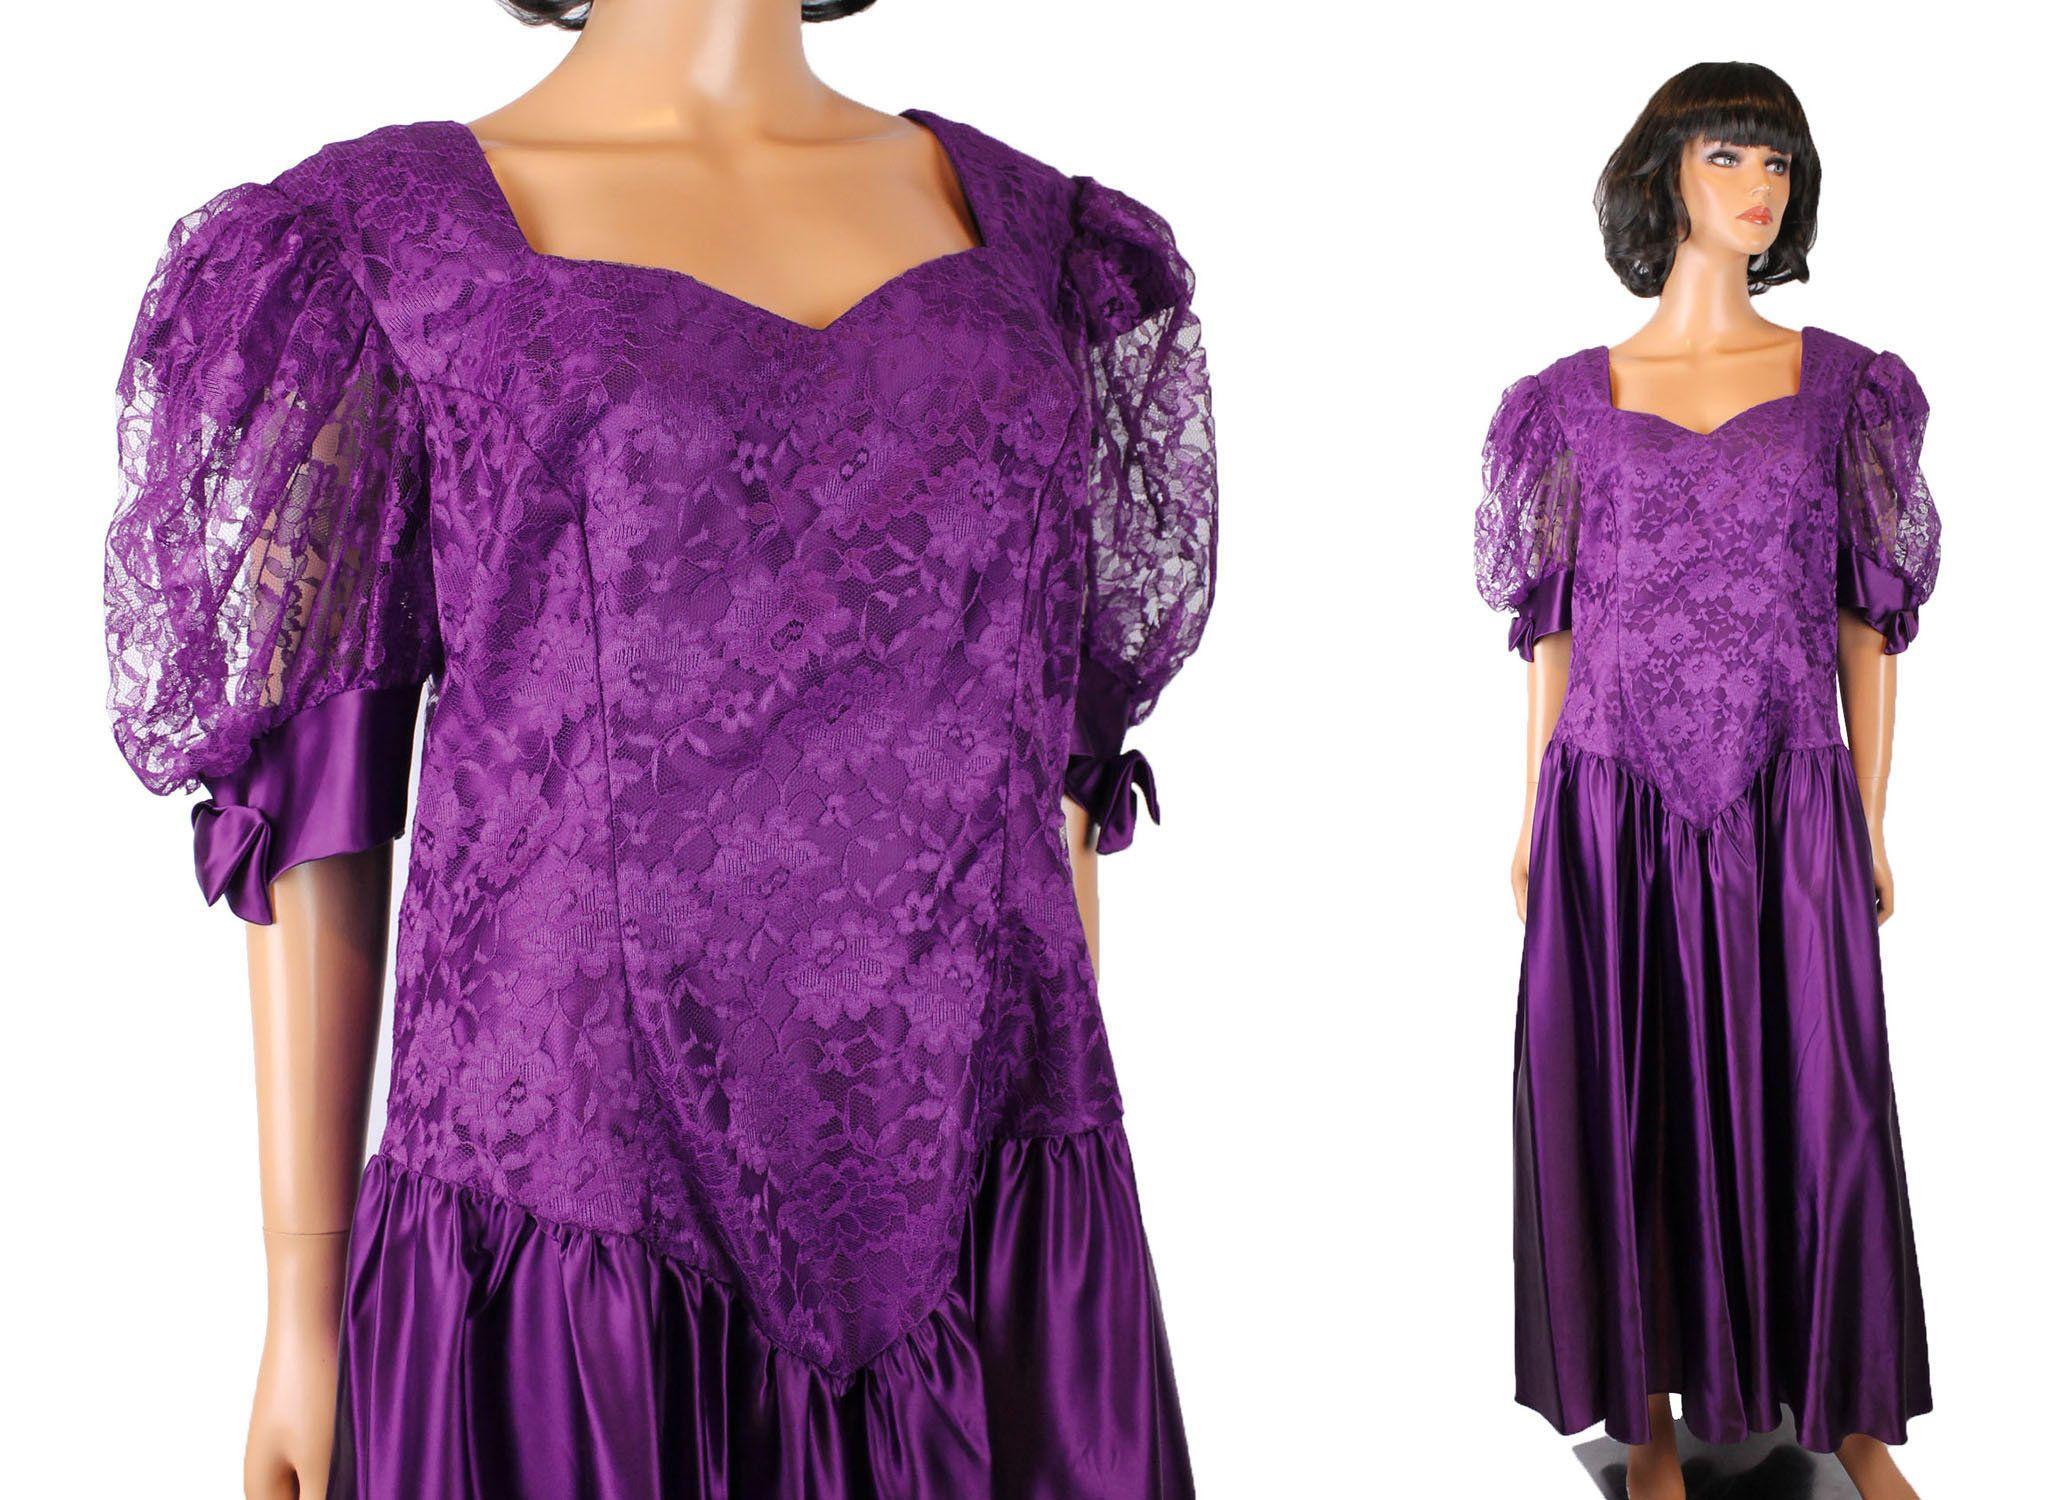 80s prom dress 20 xl vintage dark purple satin lace alfred